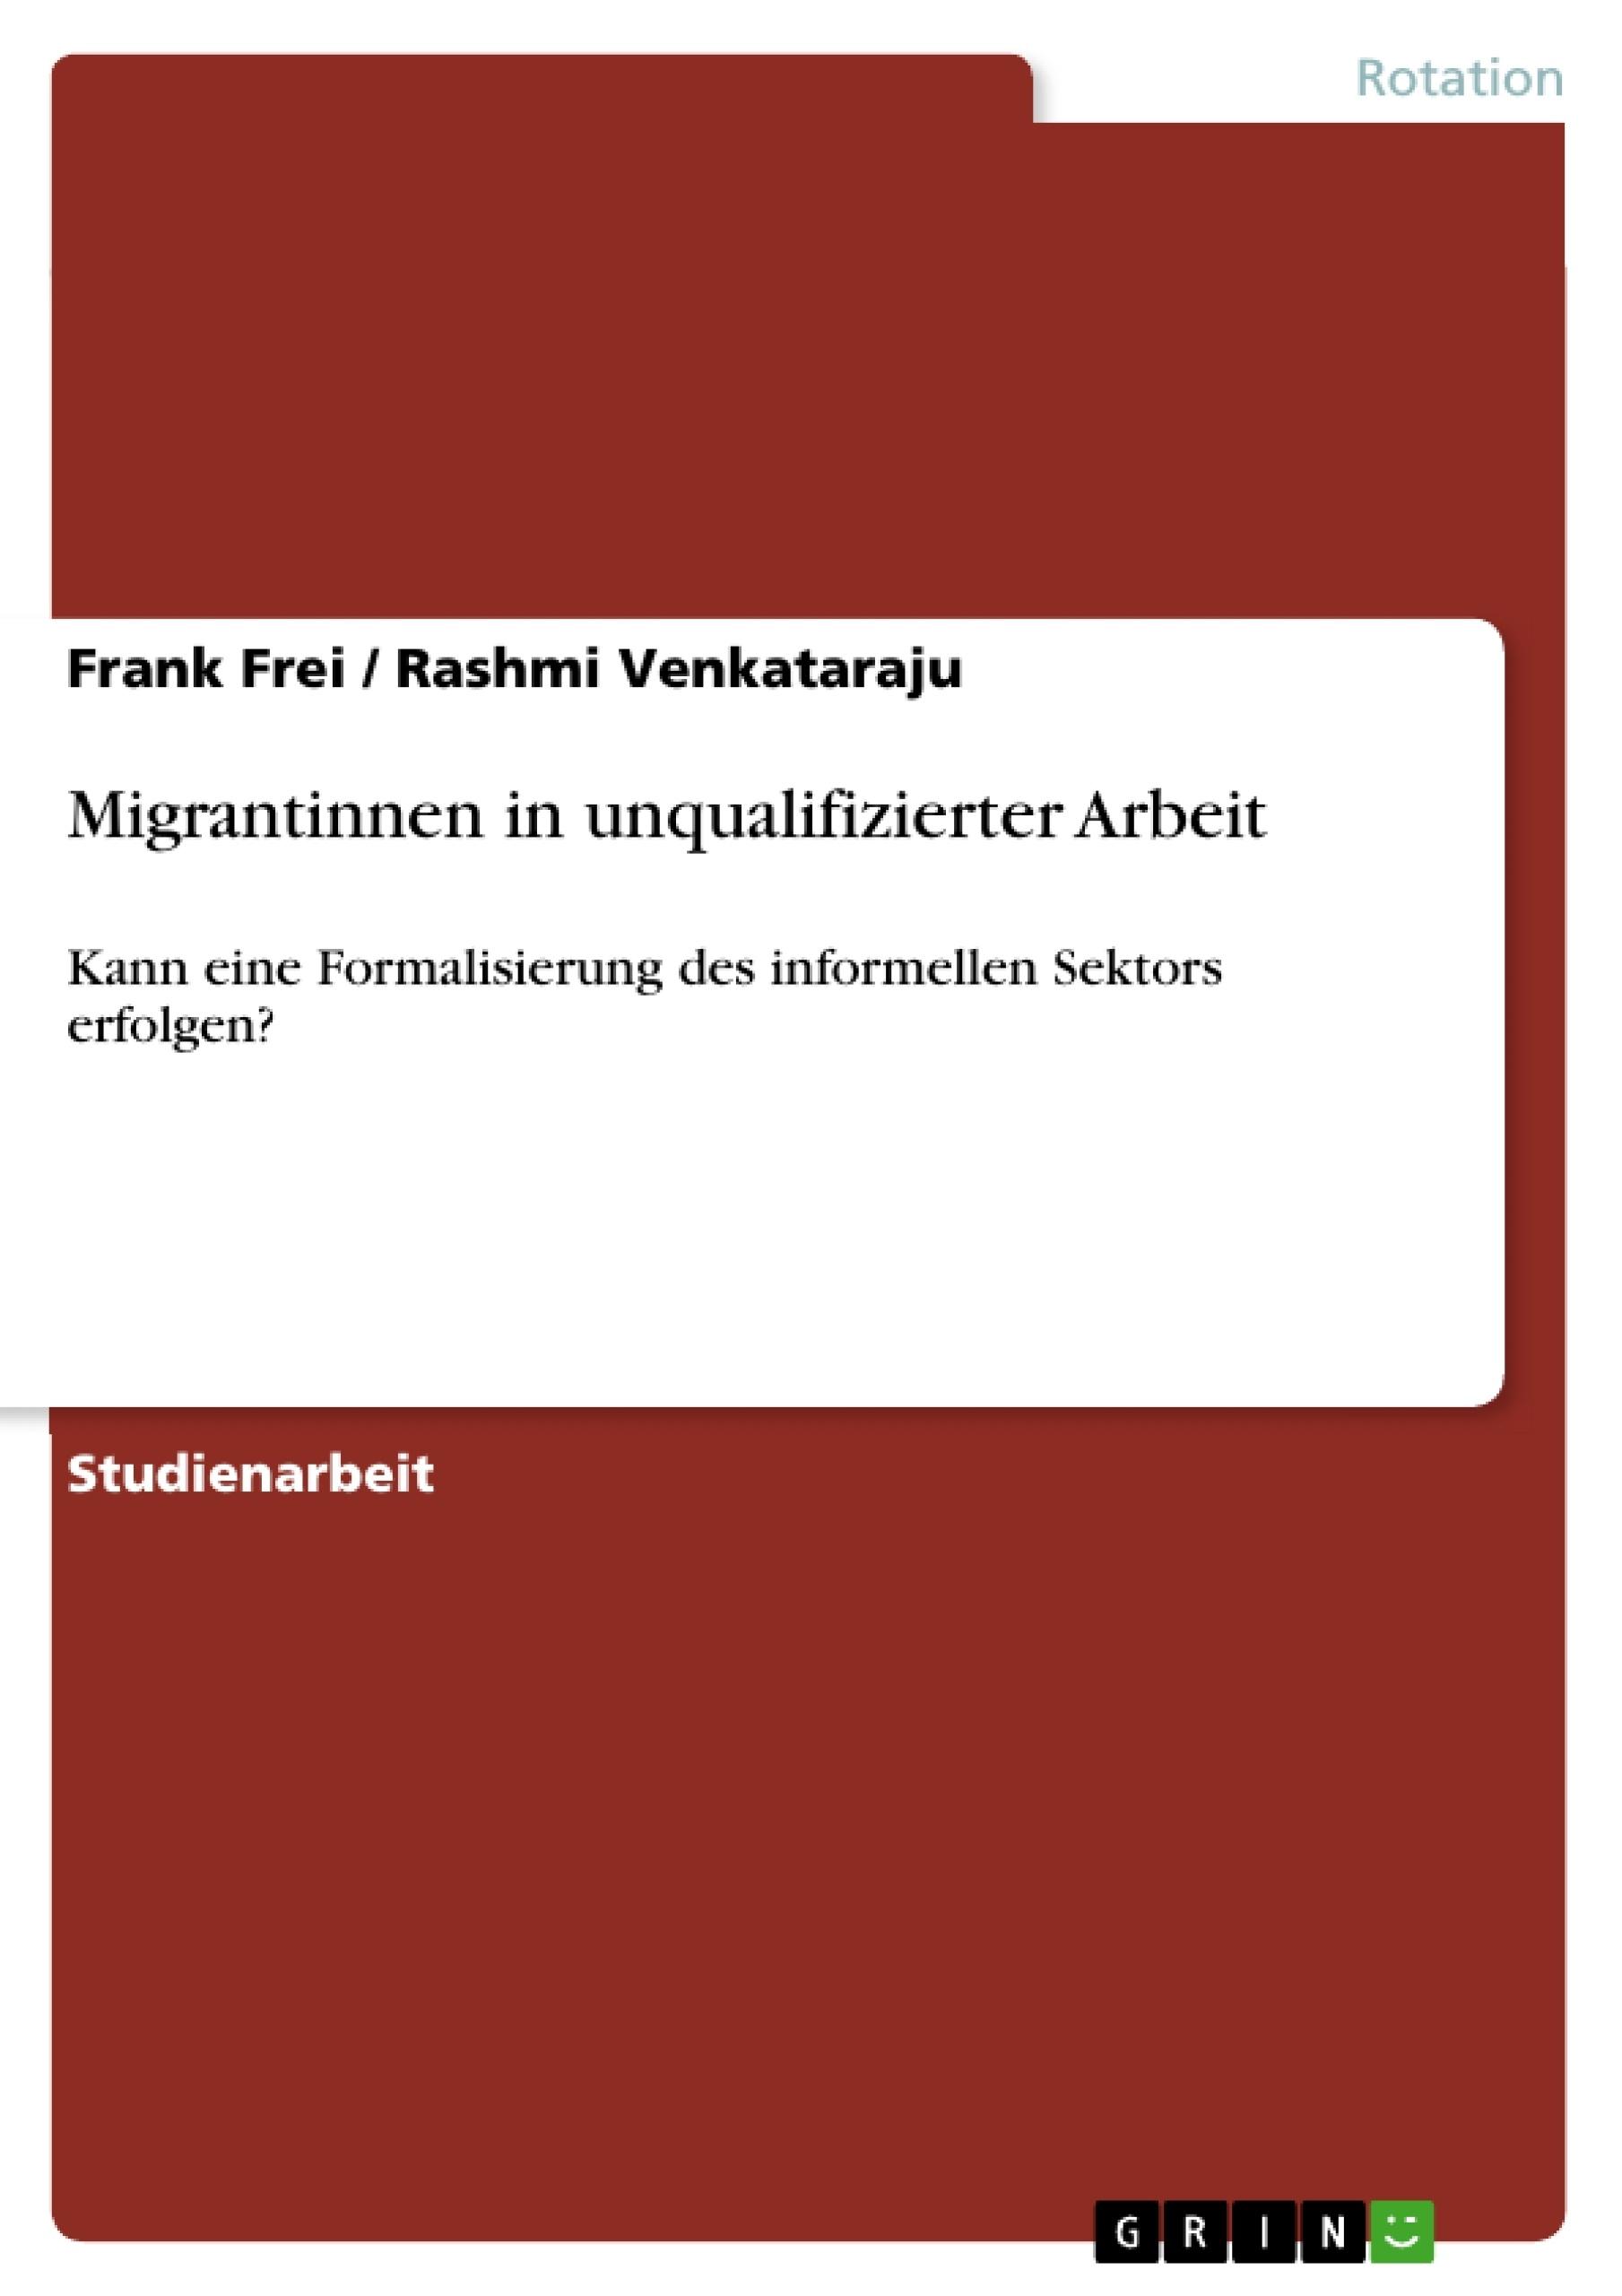 Titel: Migrantinnen in unqualifizierter Arbeit